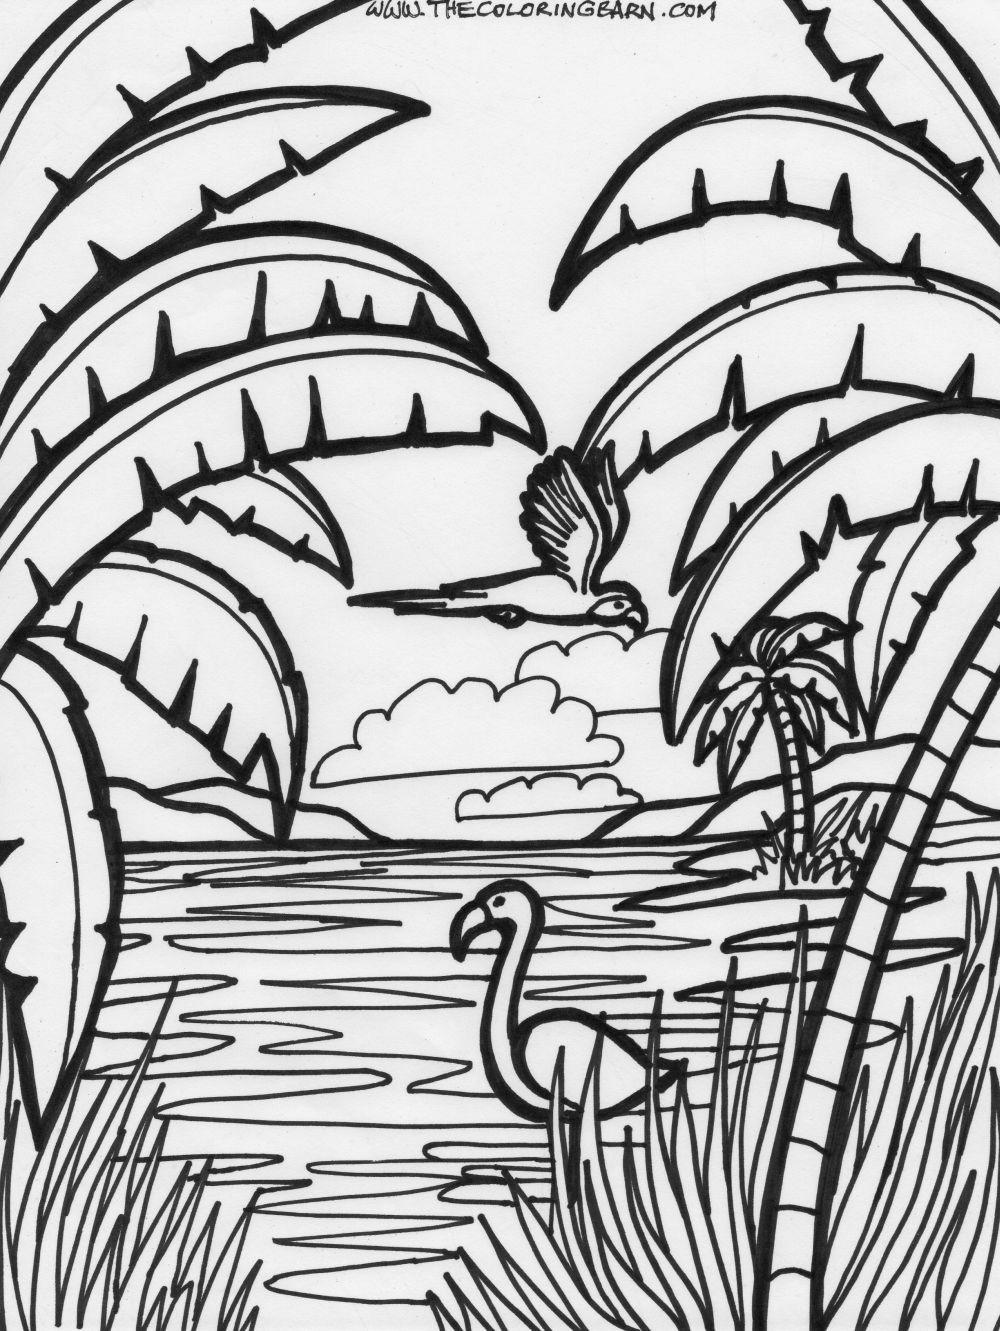 Flamingo Zum Ausmalen Einzigartig Verschiedene Bilder Färben Ausmalbilder sommer Fotos